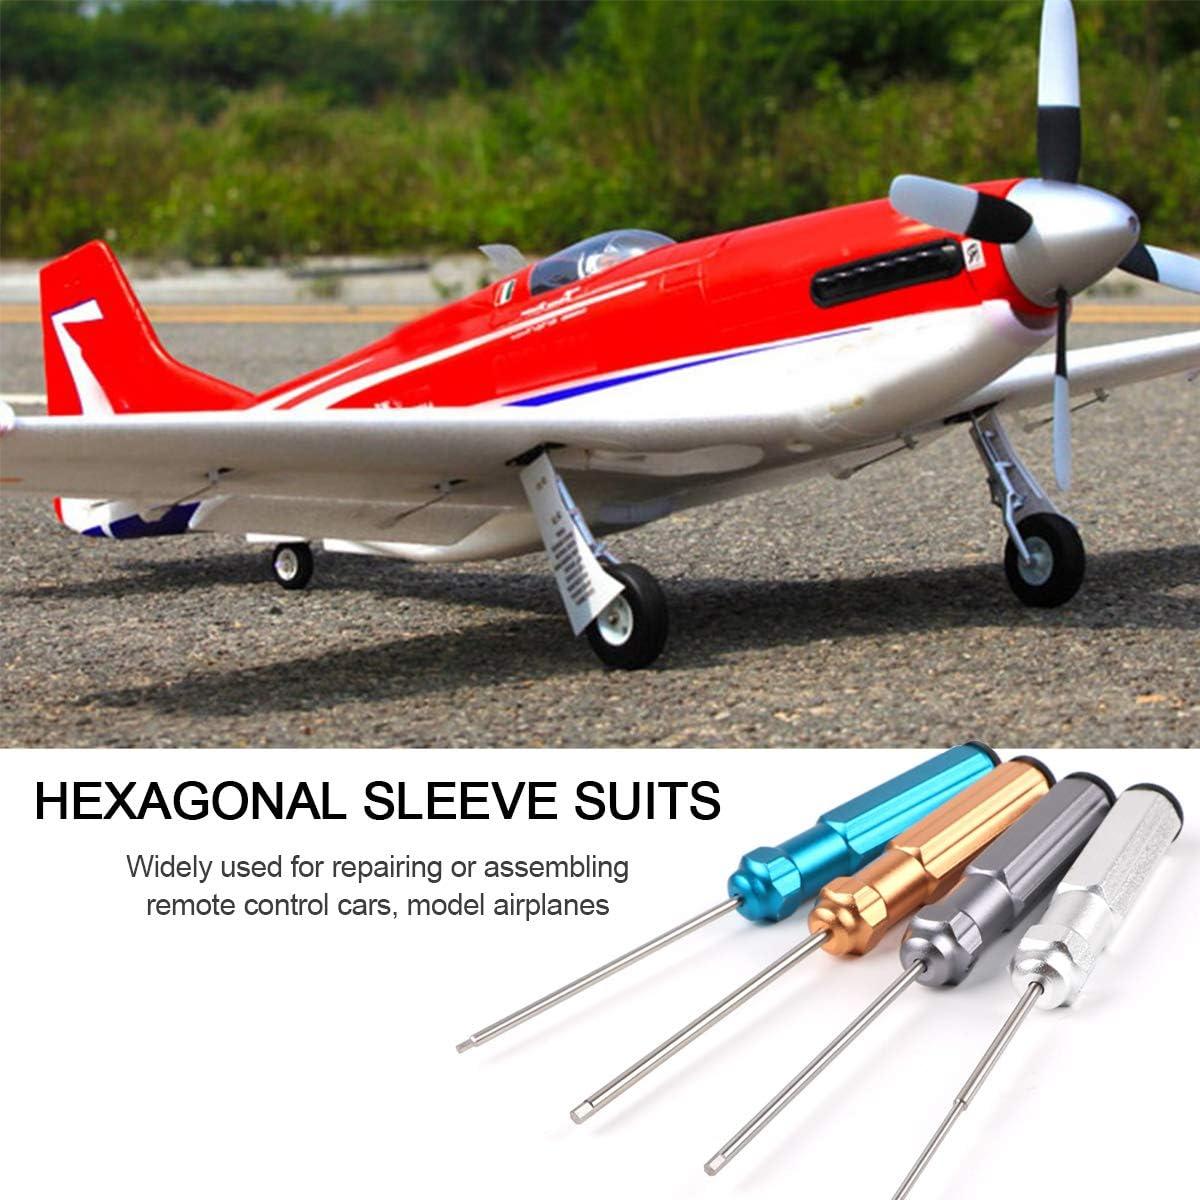 4 PCS Destornilladores Hexagonal Acero de Alta Velocidad para RC Modelo Helic/óptero Transmisor del Coche 1.5 mm, 2.0 mm, 2.5 mm, 3.0 mm RC Herramientas Kit